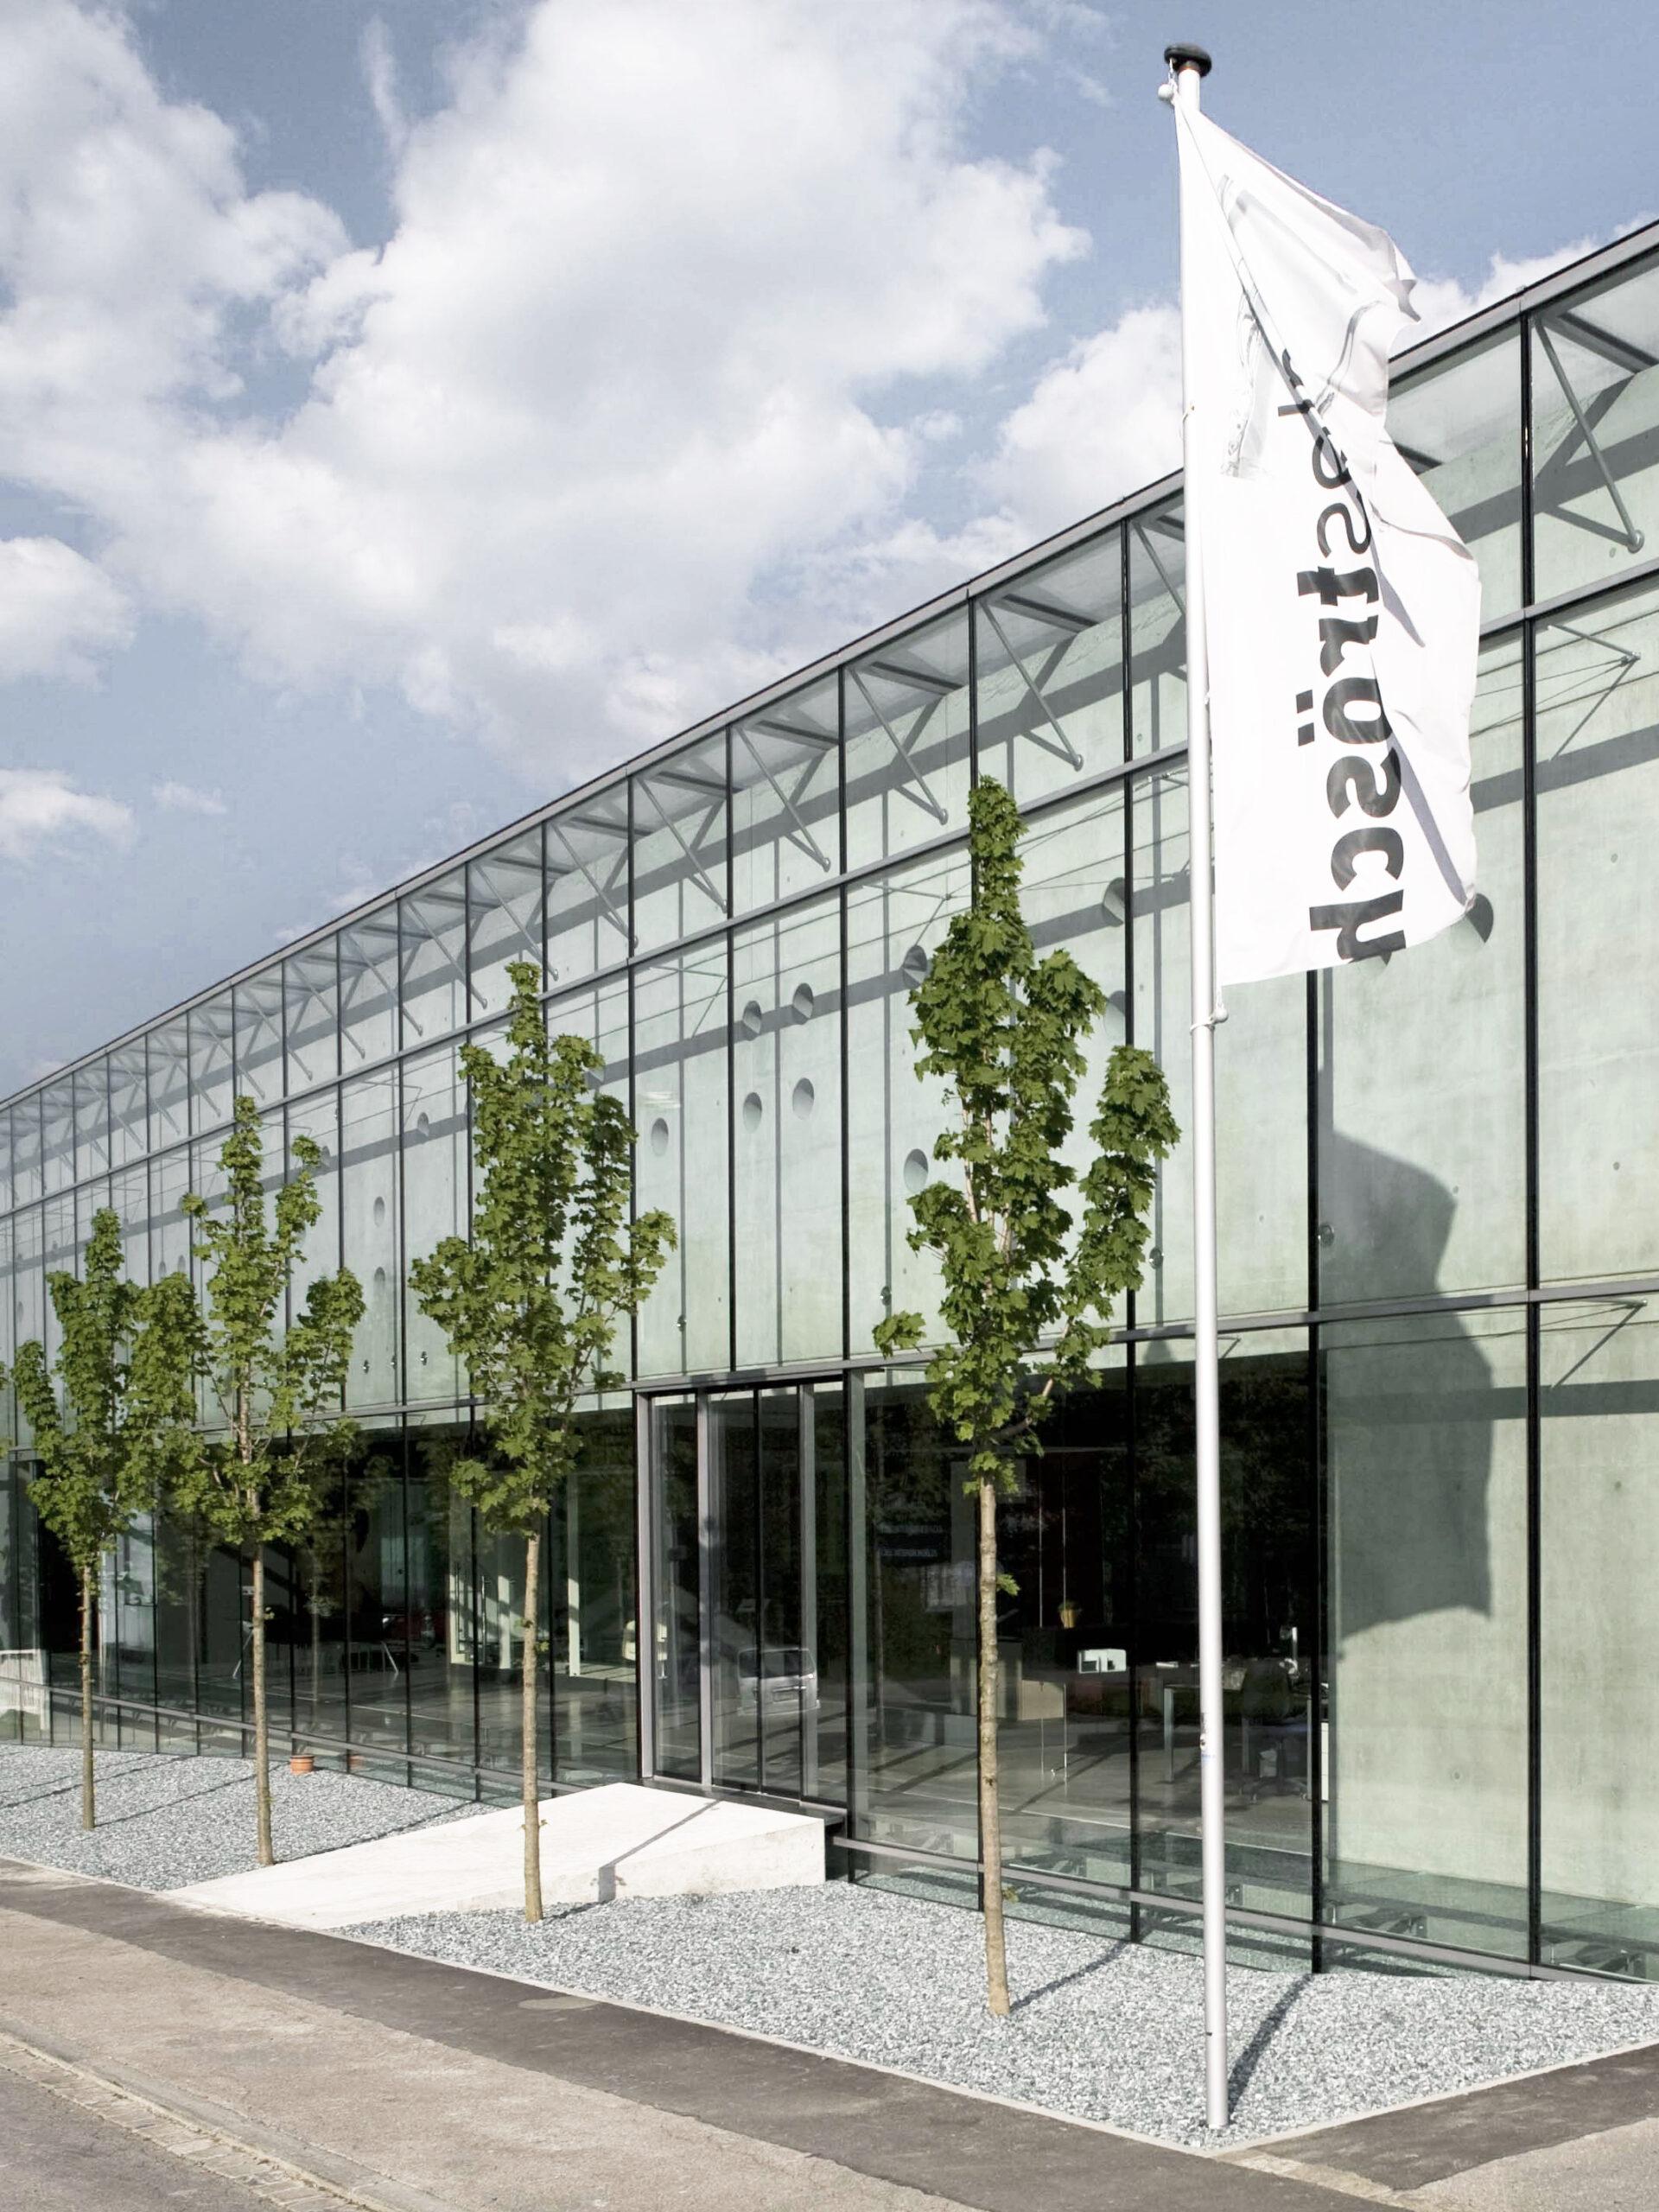 Michael-Becker-Architects-Architekten-Kompetenzzentrum-t-05